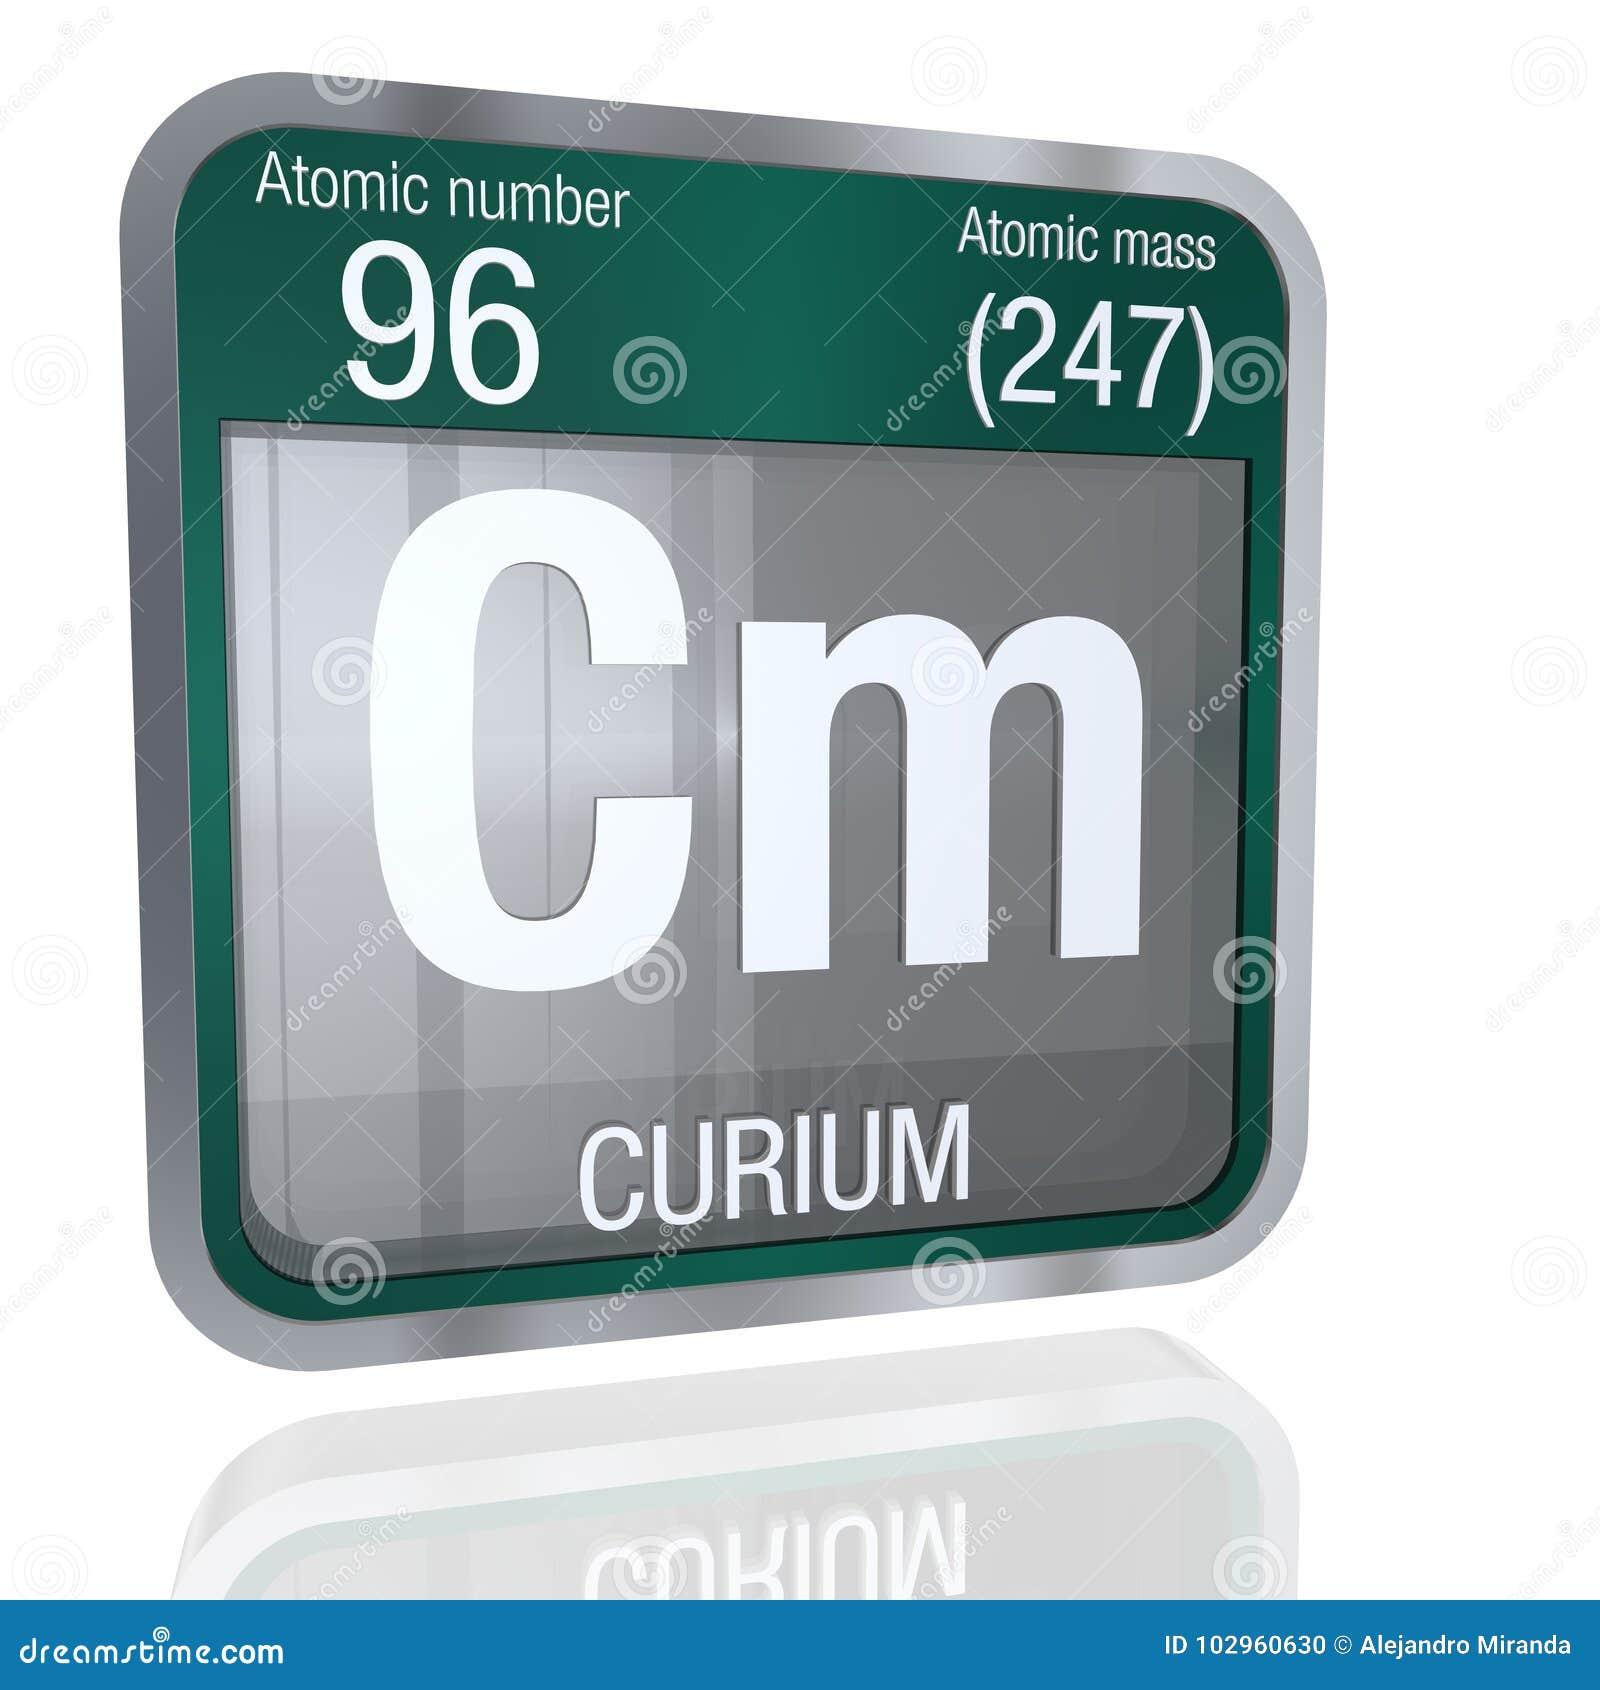 Curium Symbol In Square Shape With Metallic Border And Transparent